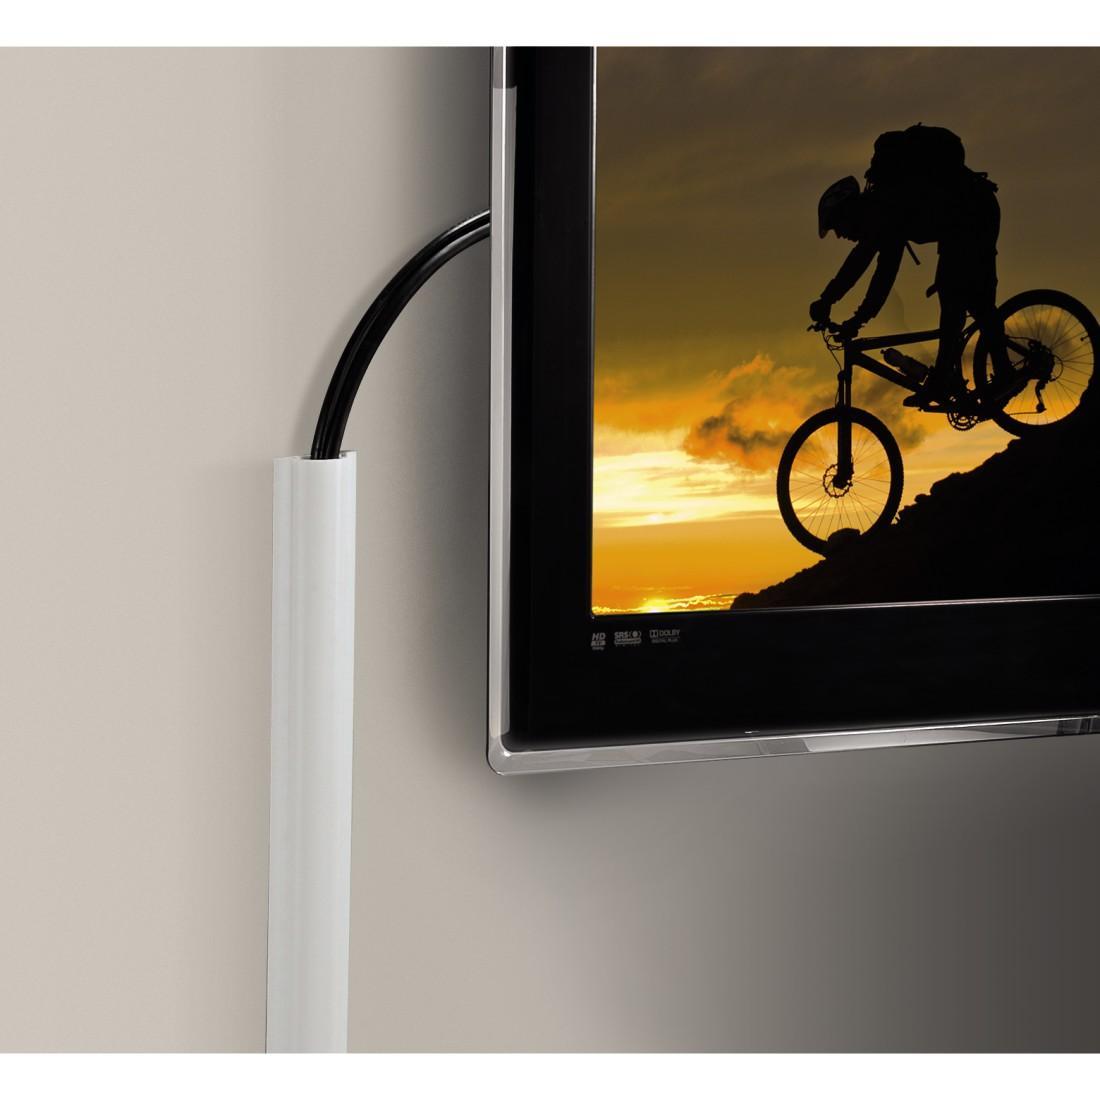 hama kabelkanal halbrund selbstklebend 100 x 3 5 x 0 9 cm bis zu 2 kabel wei. Black Bedroom Furniture Sets. Home Design Ideas